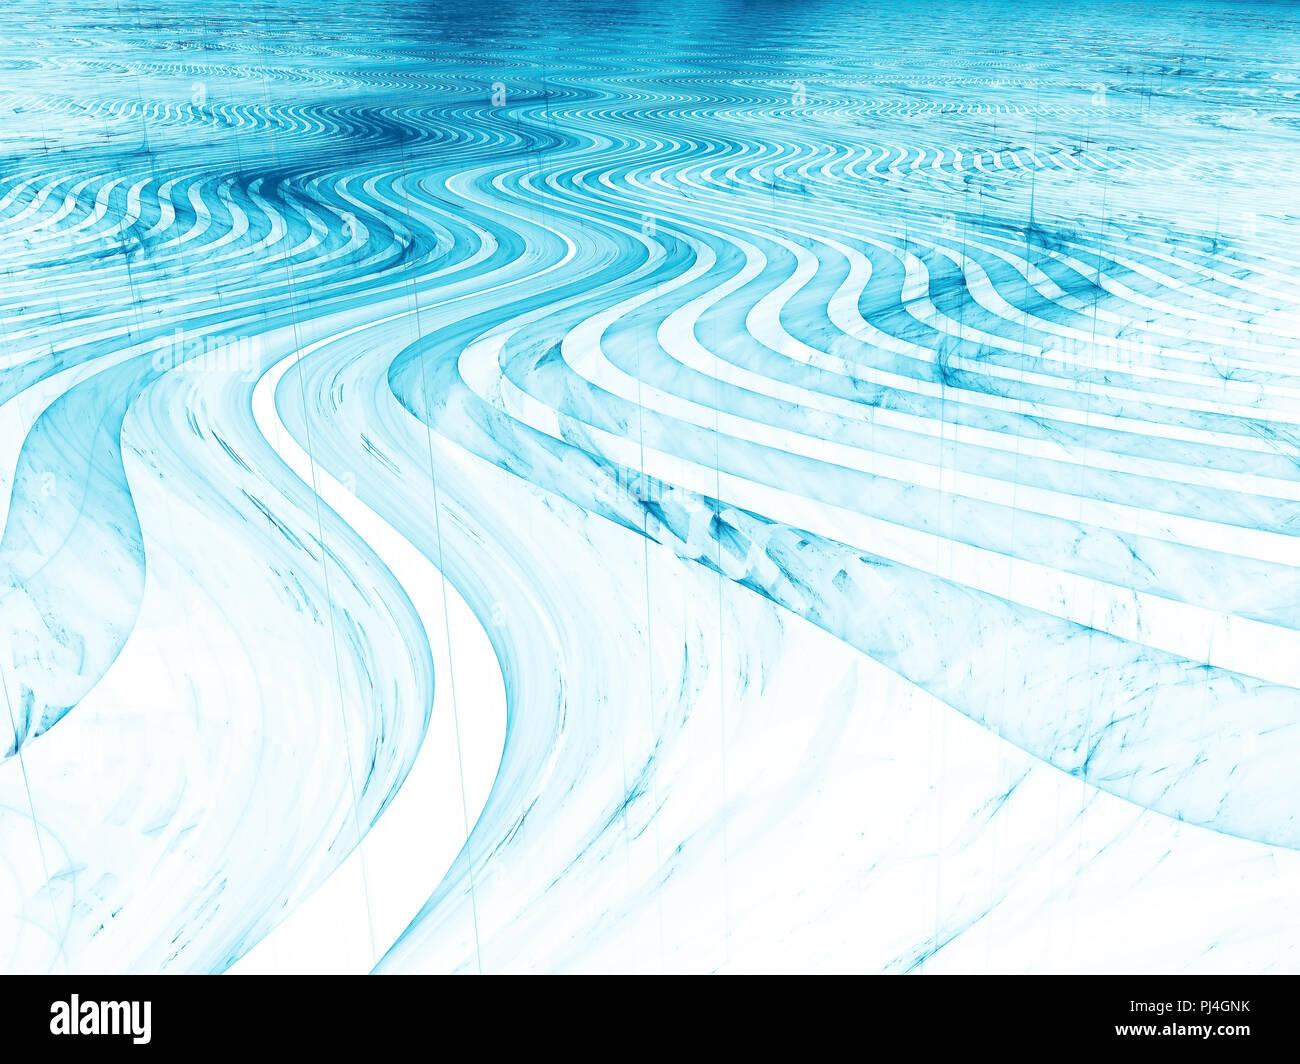 Brillante superficie ondulada - abstracto imagen generada digitalmente Foto de stock